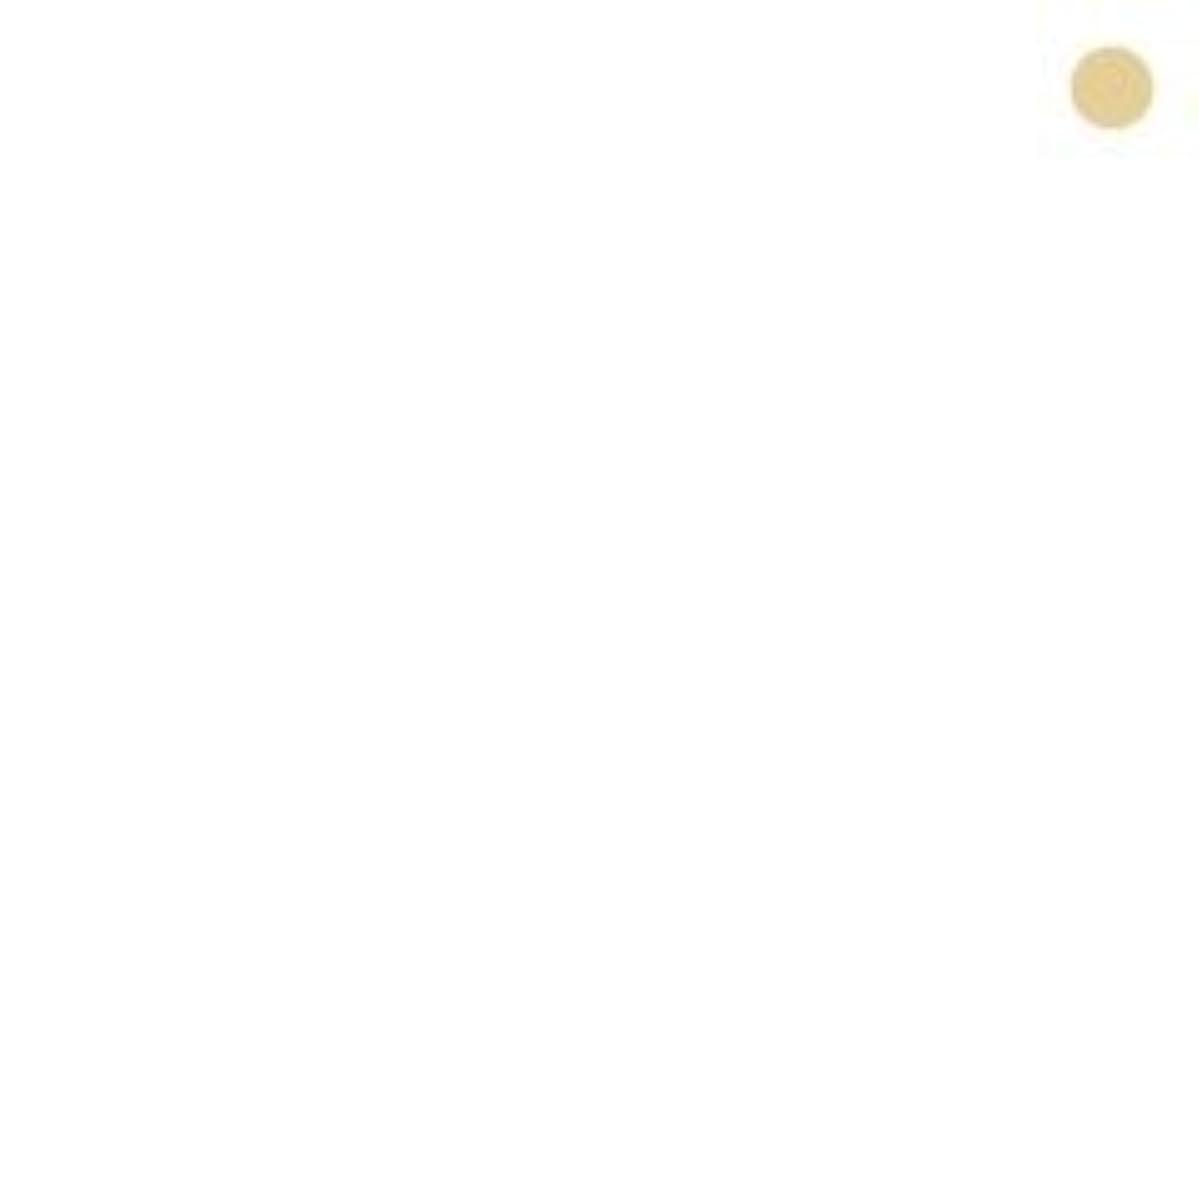 薬局付添人失望させる【カバーマーク】ジャスミーカラー パウダリーファンデーション #BP20 (レフィル)